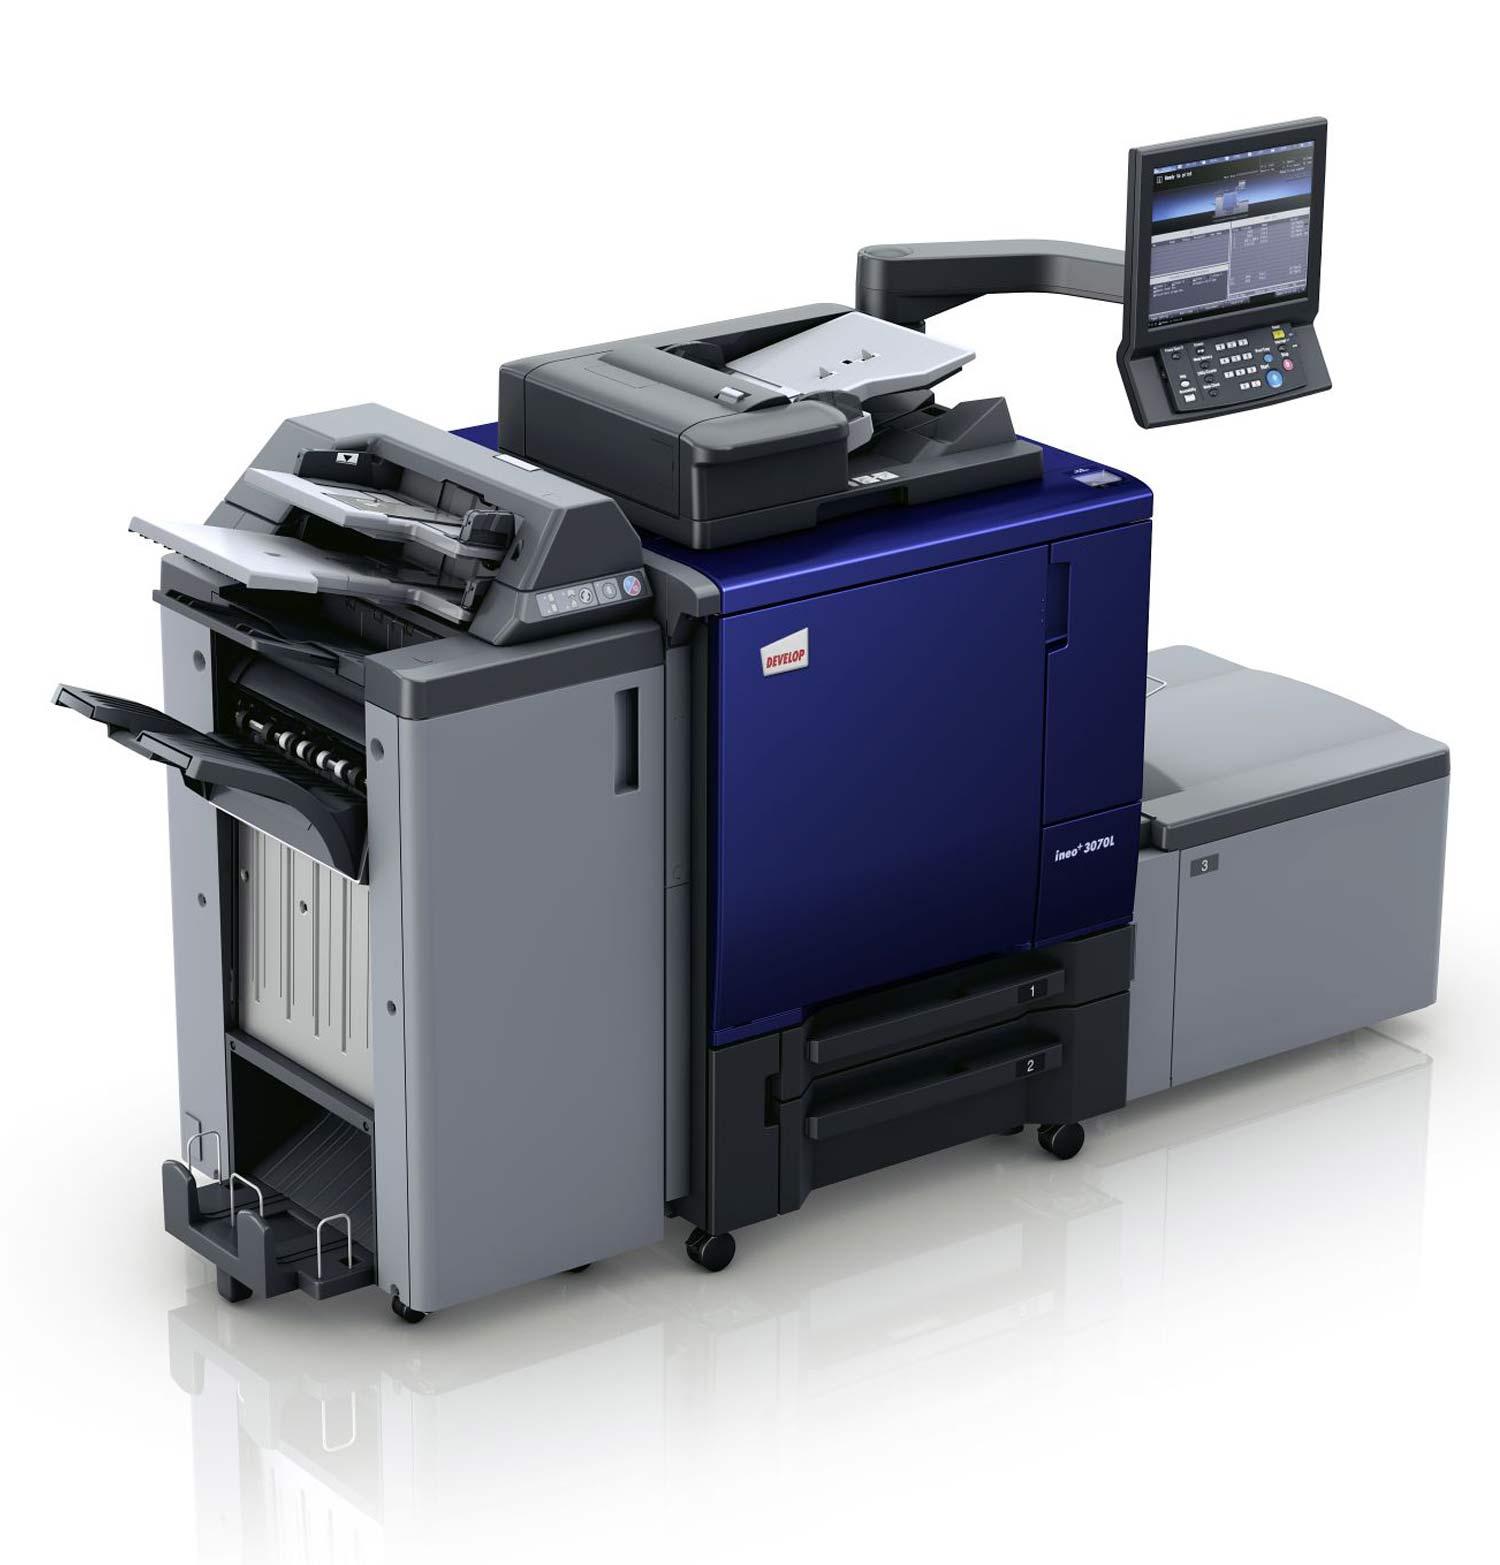 machines-ineo+3070L-studio-picture-03